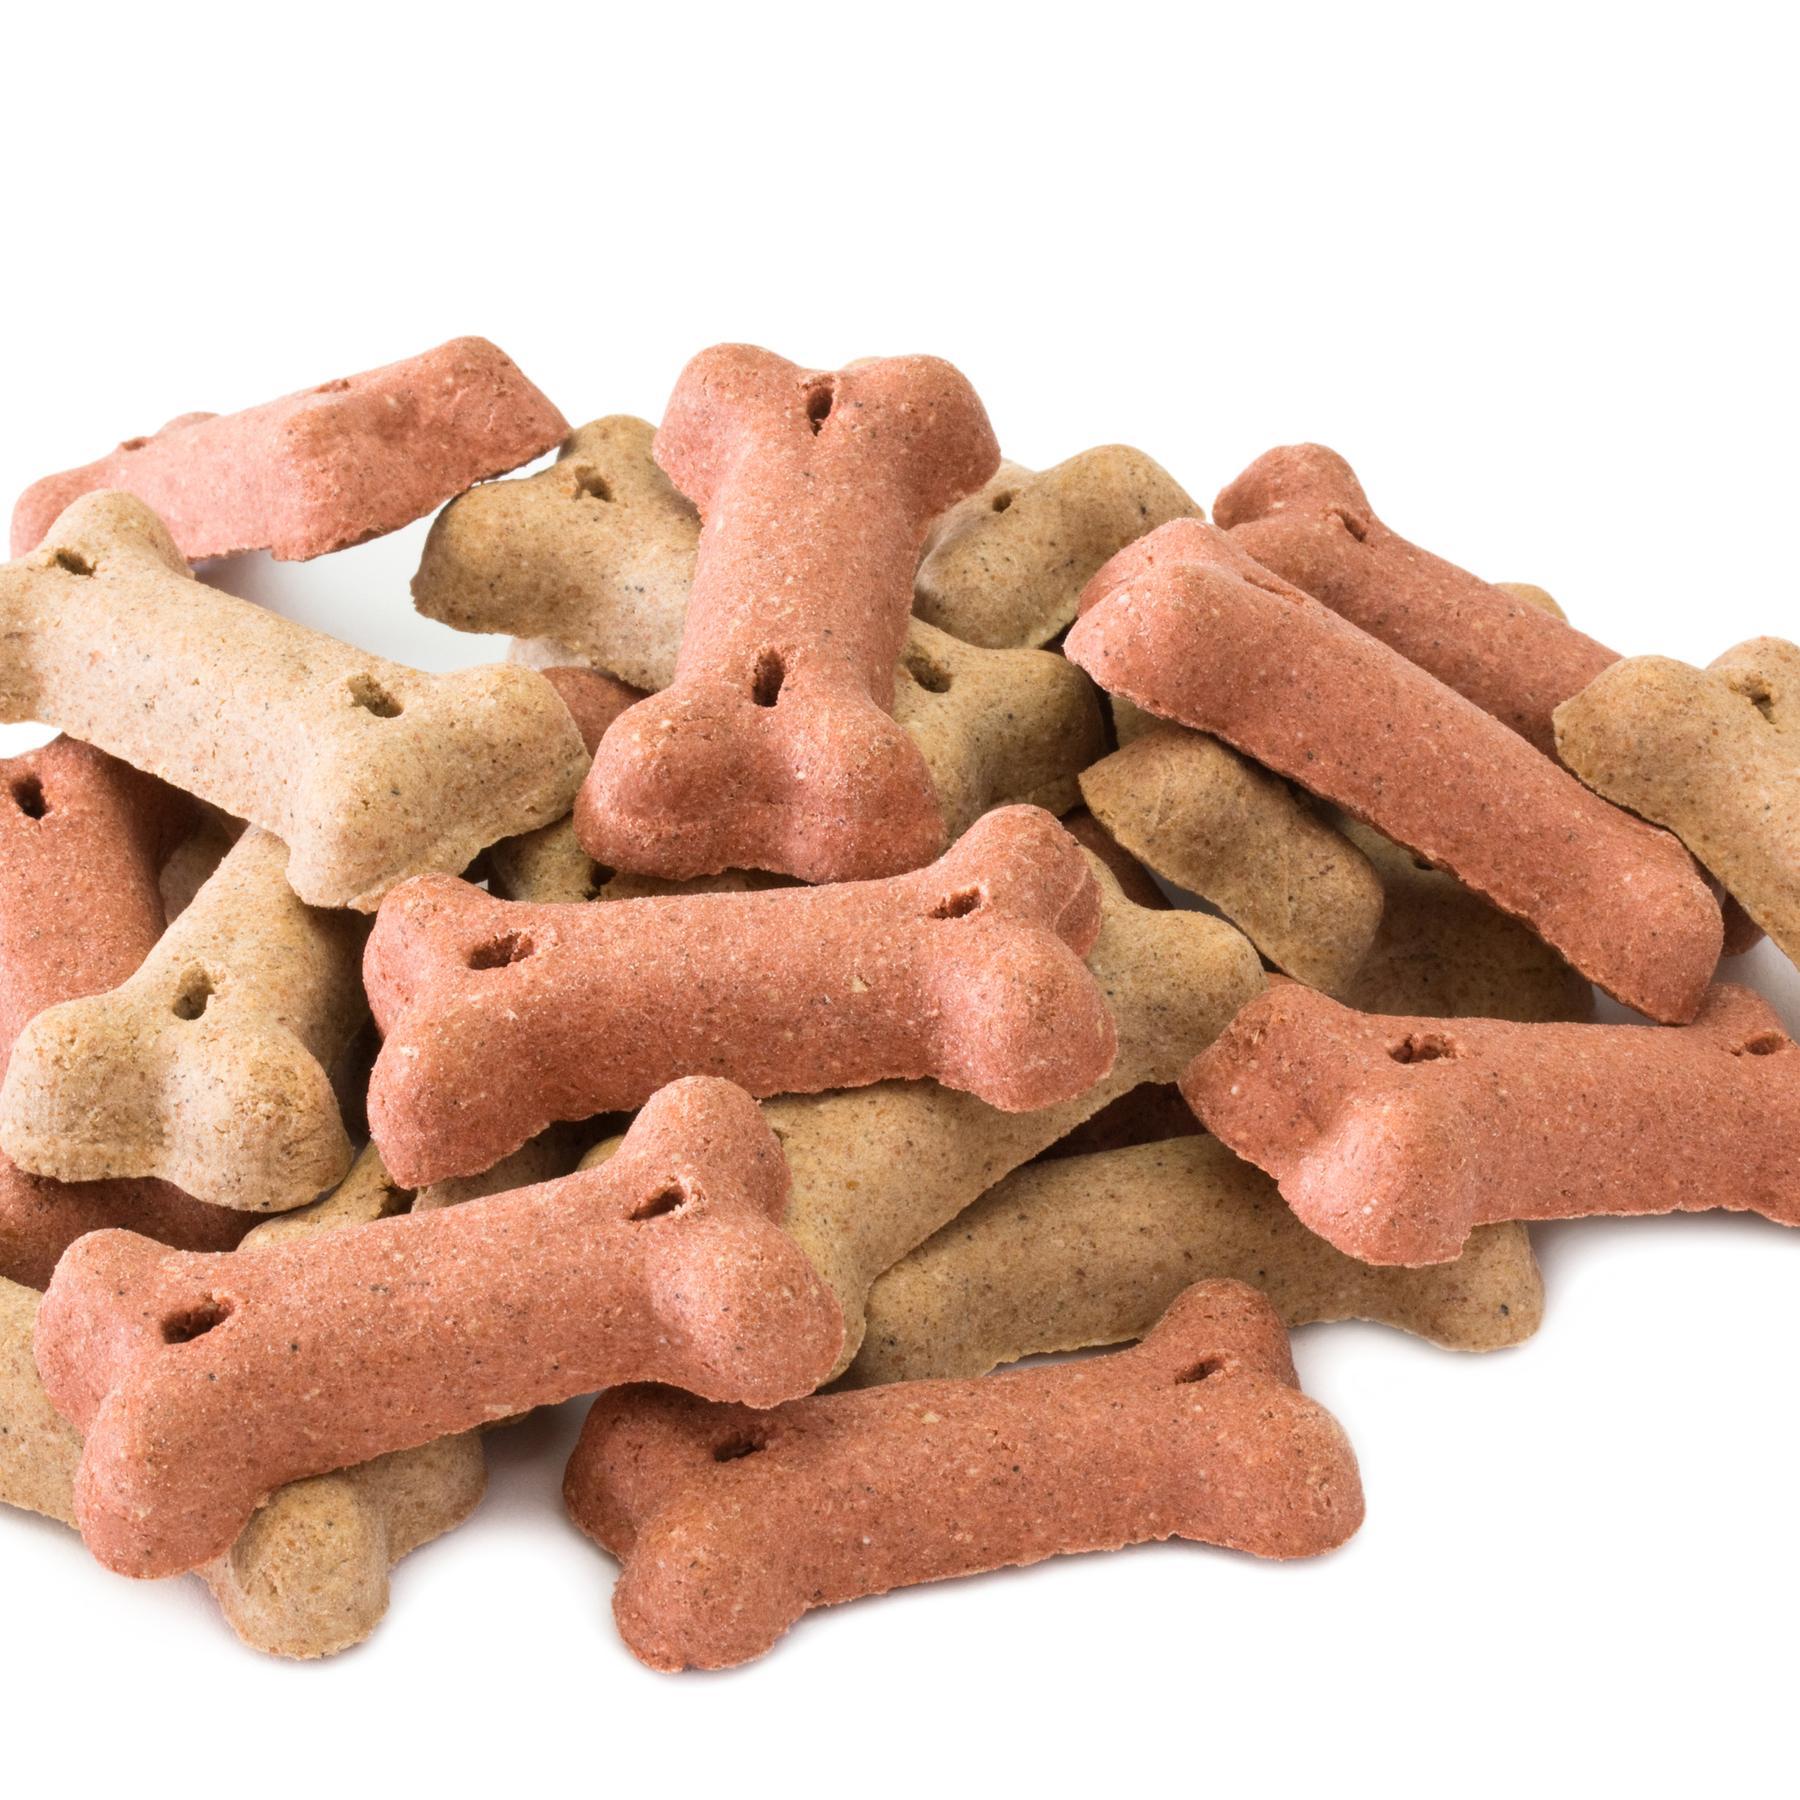 Futter für Hund und Katzen - Rundum gesund?